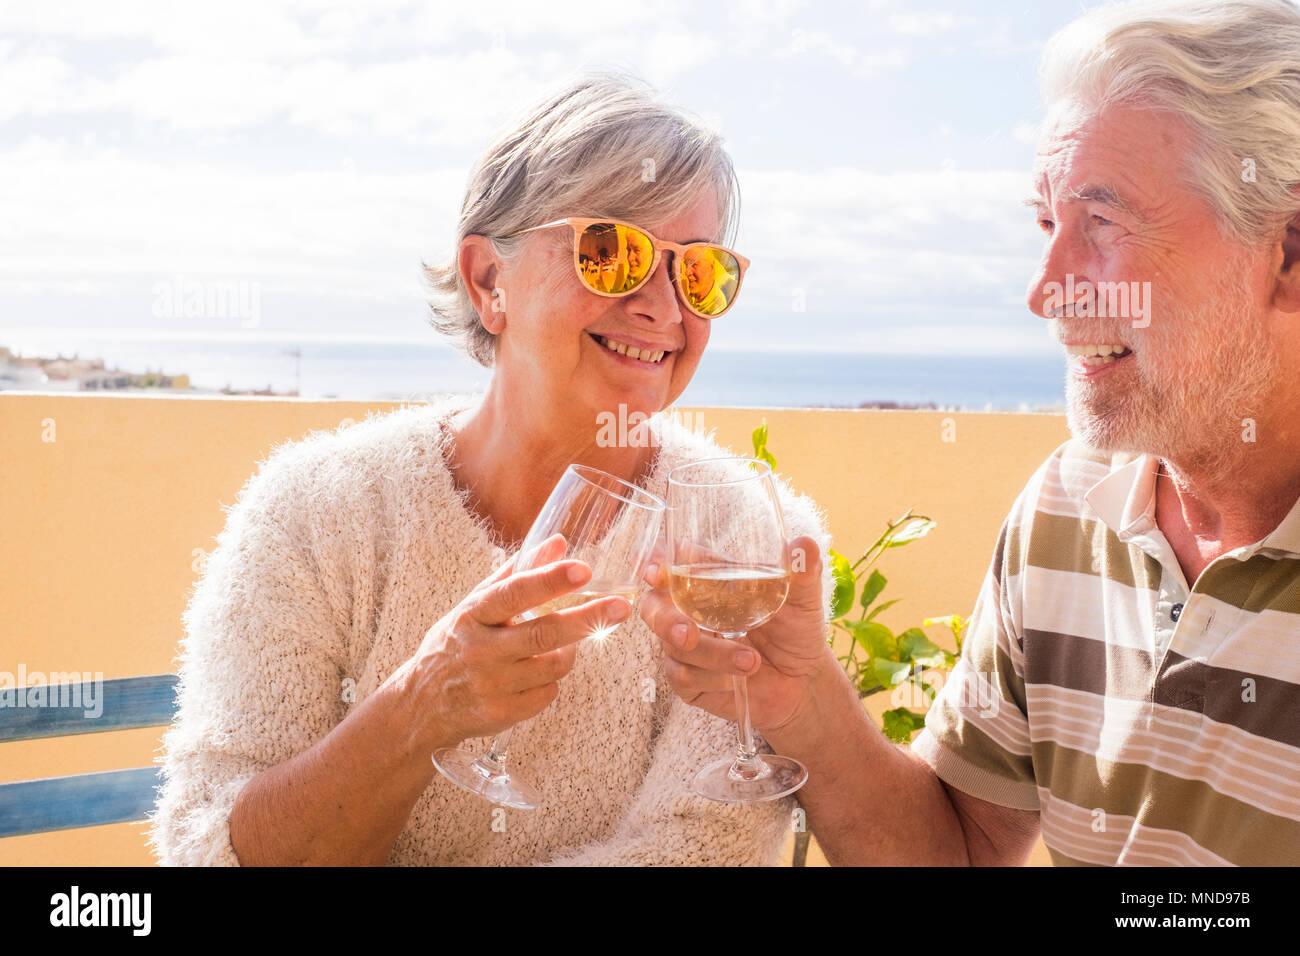 Coppia di anziani la tostatura con il vino in una terrazza esterna che si affaccia sul mare in estate Foto Stock